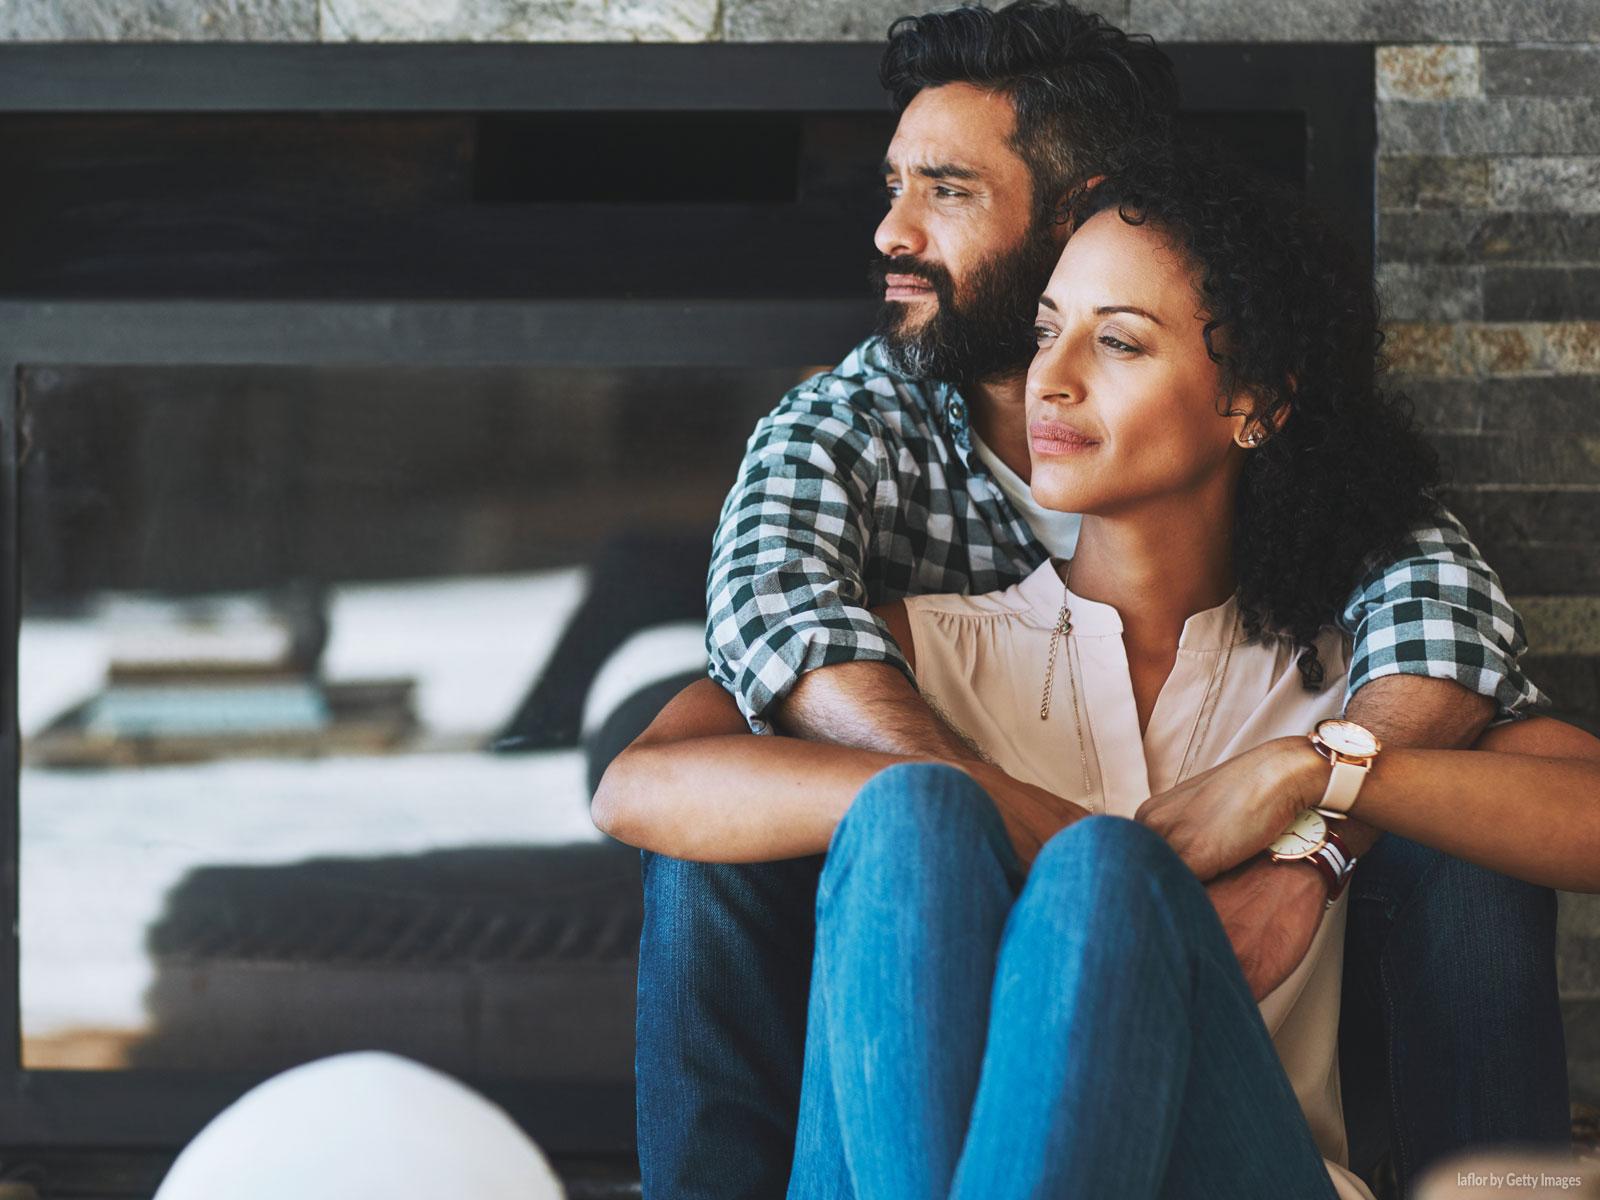 735b833d1 Como a postura da mulher influencia a vida do marido